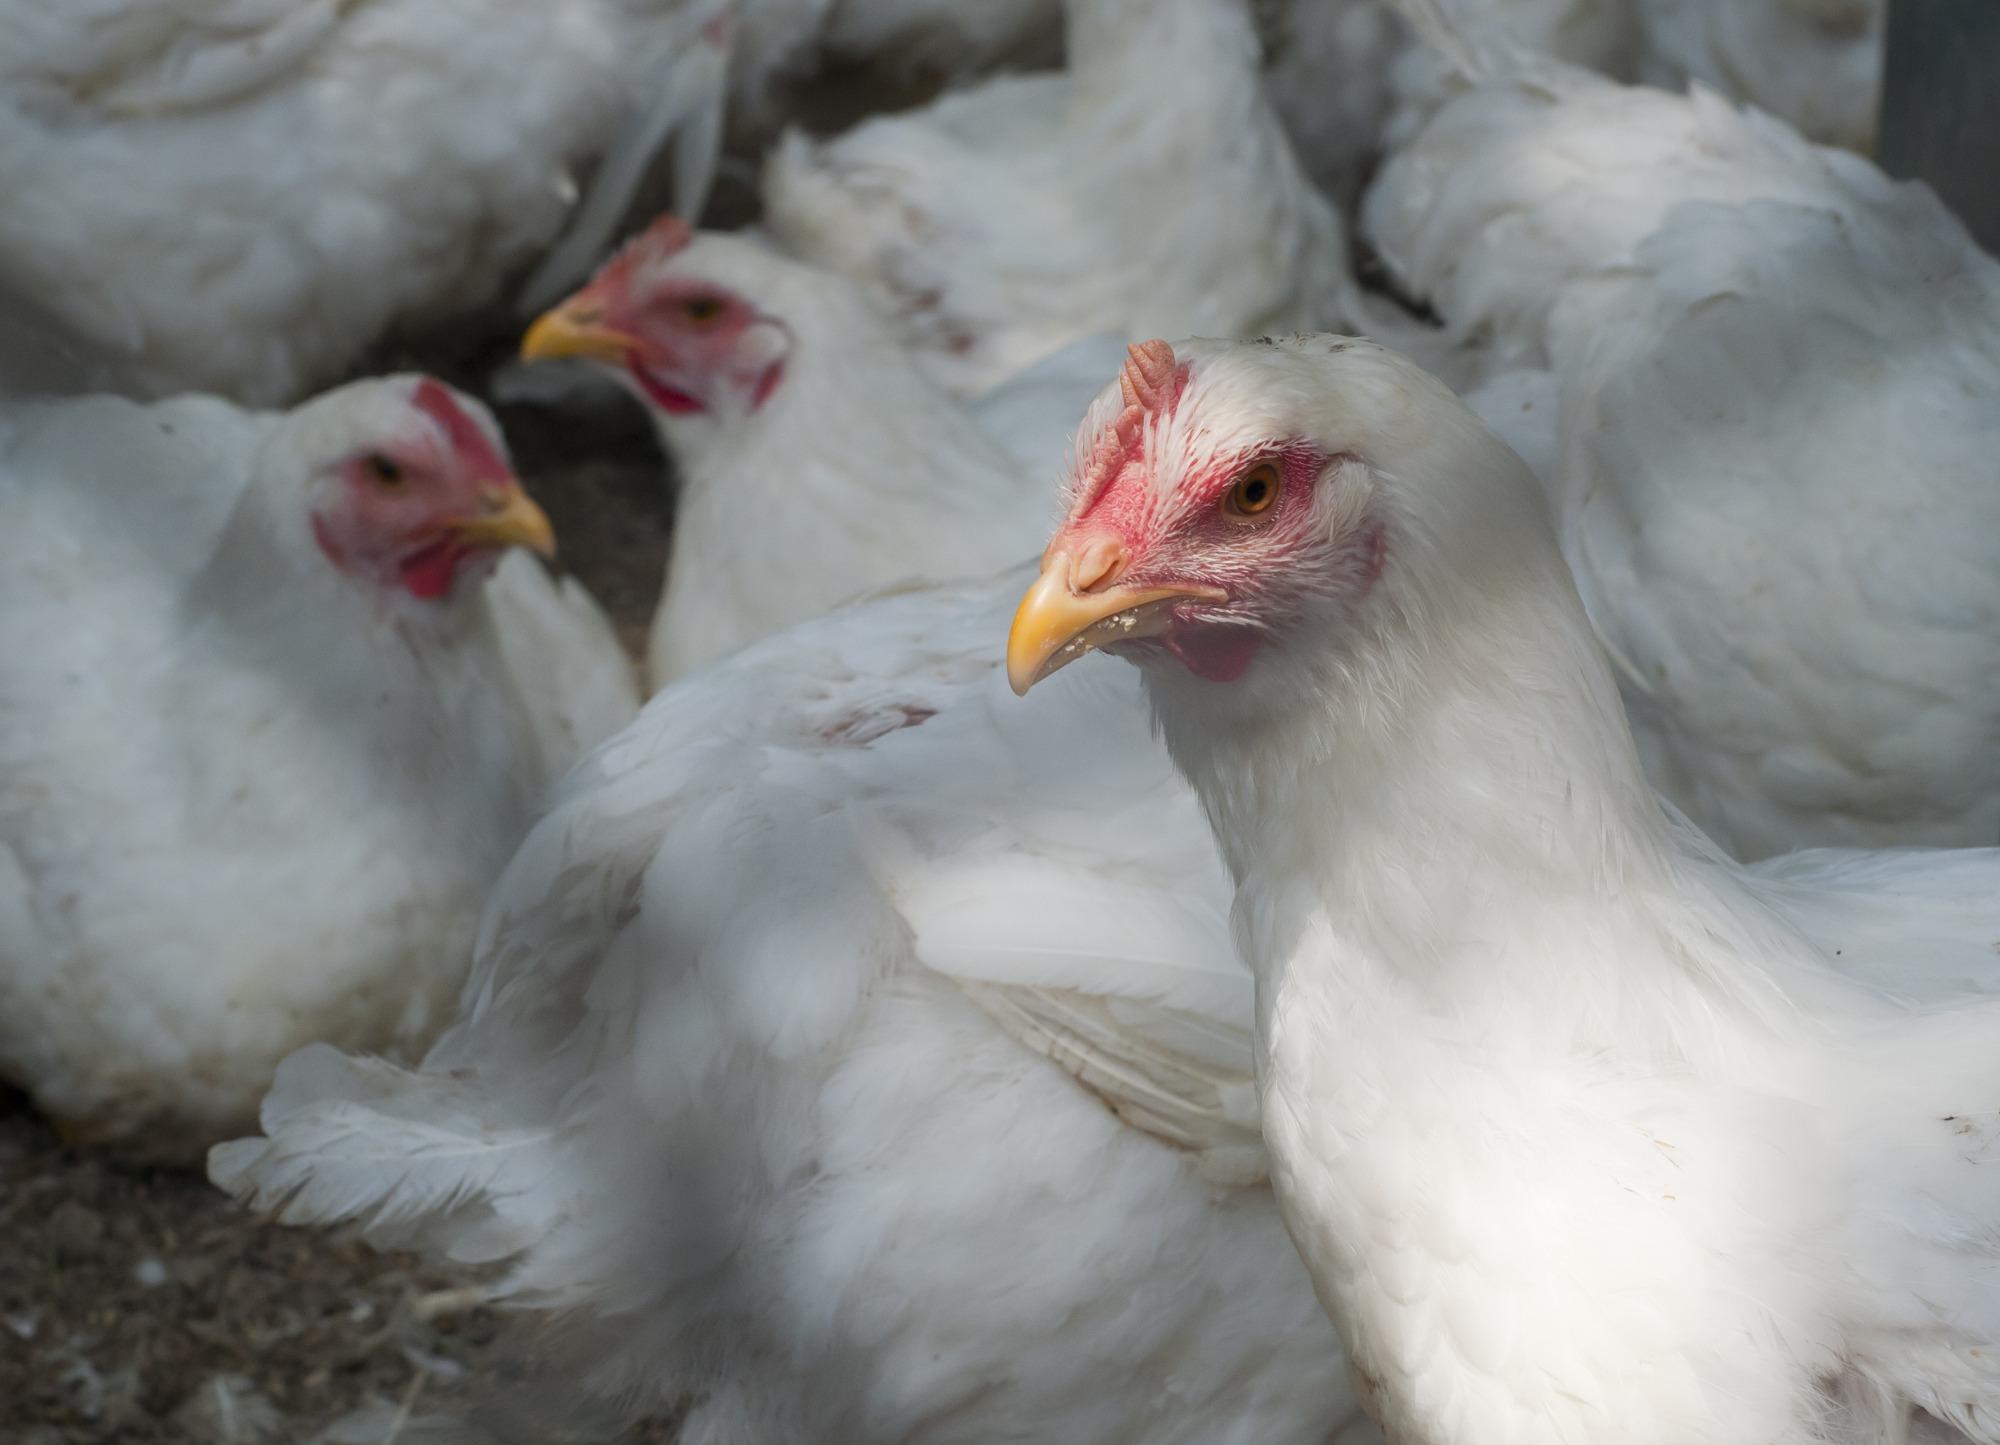 Preço pago ao avicultor deve registrar alta expressiva no primeiro semestre deste ano diz Famasul